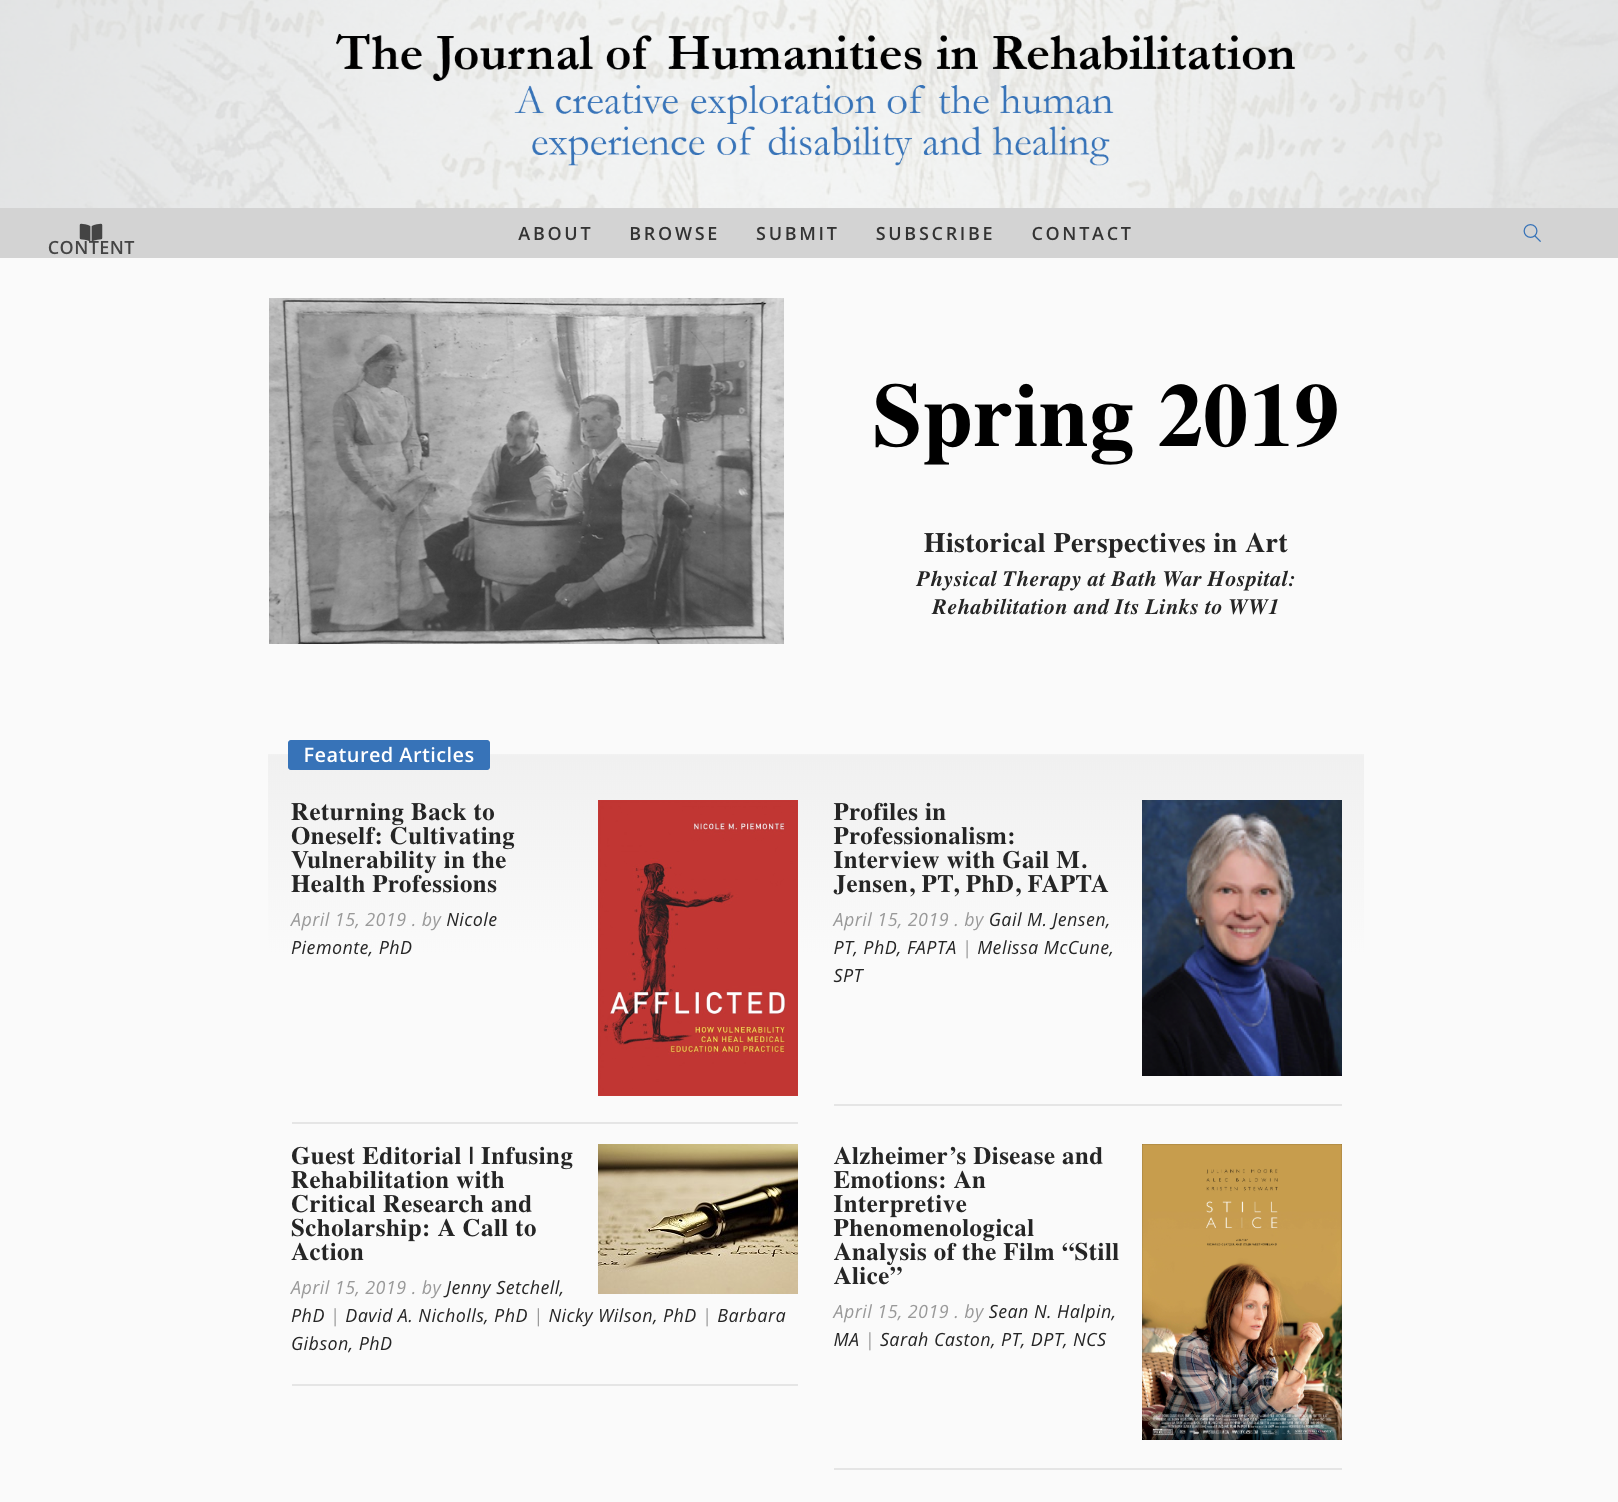 Screenshot of JHR website